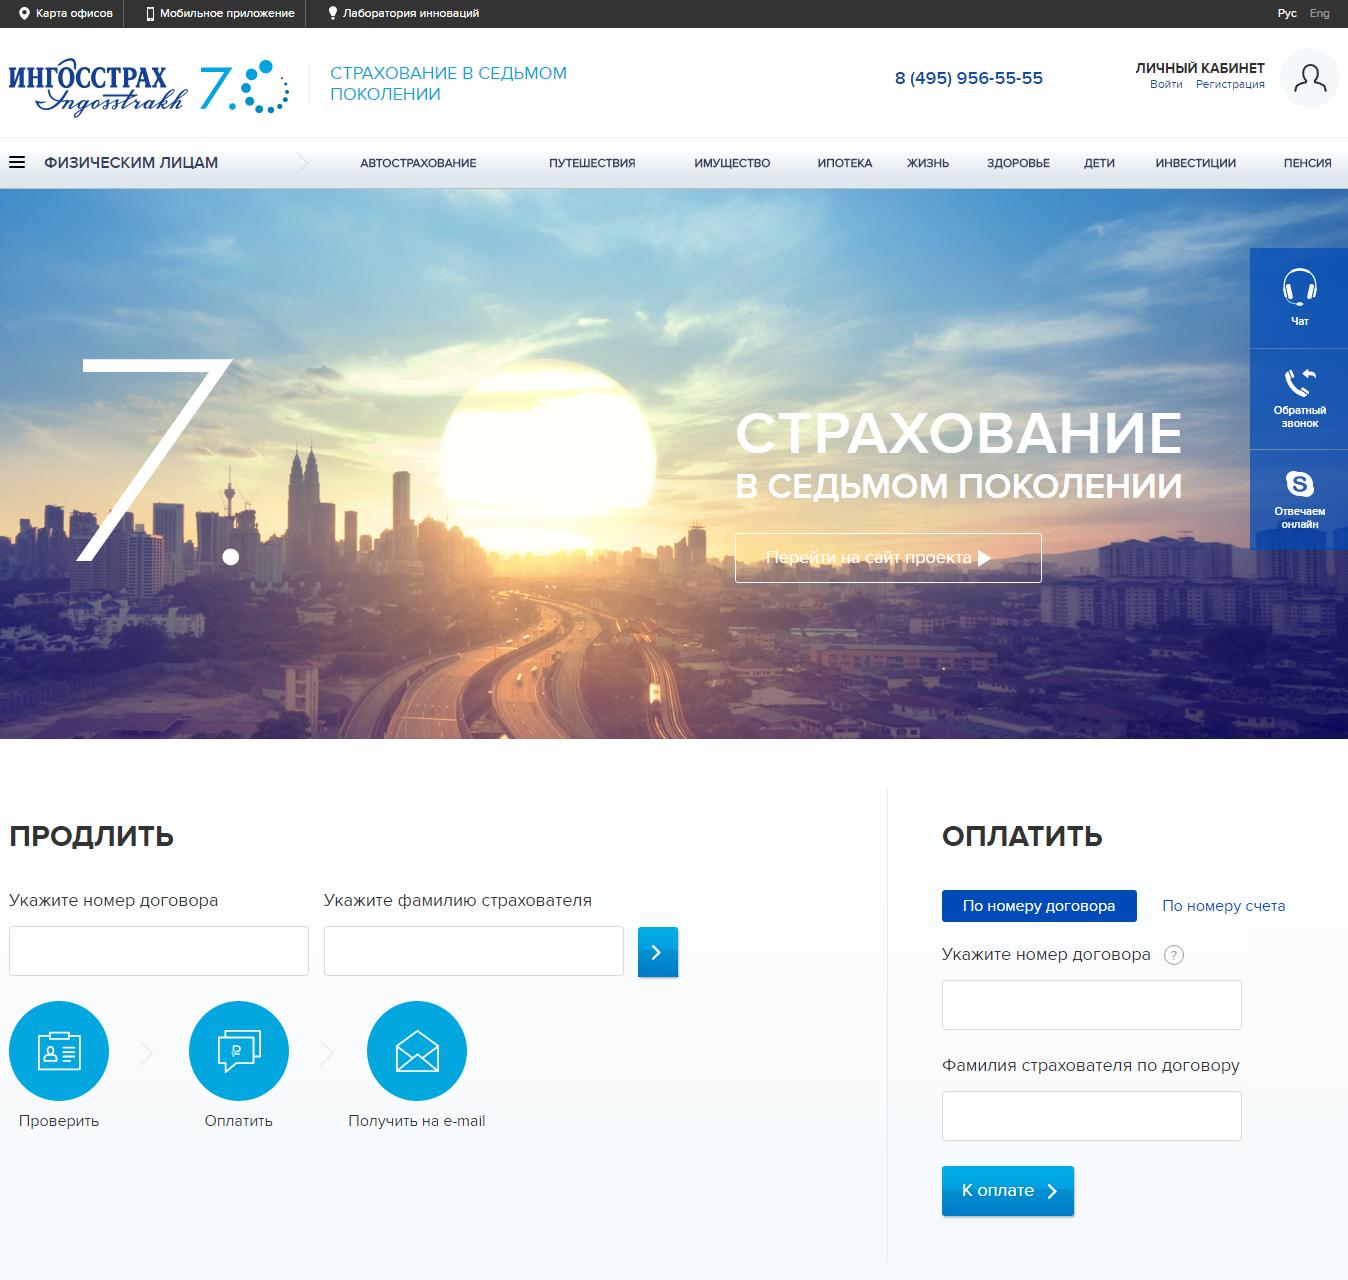 ингострах рф осаго официальный сайт